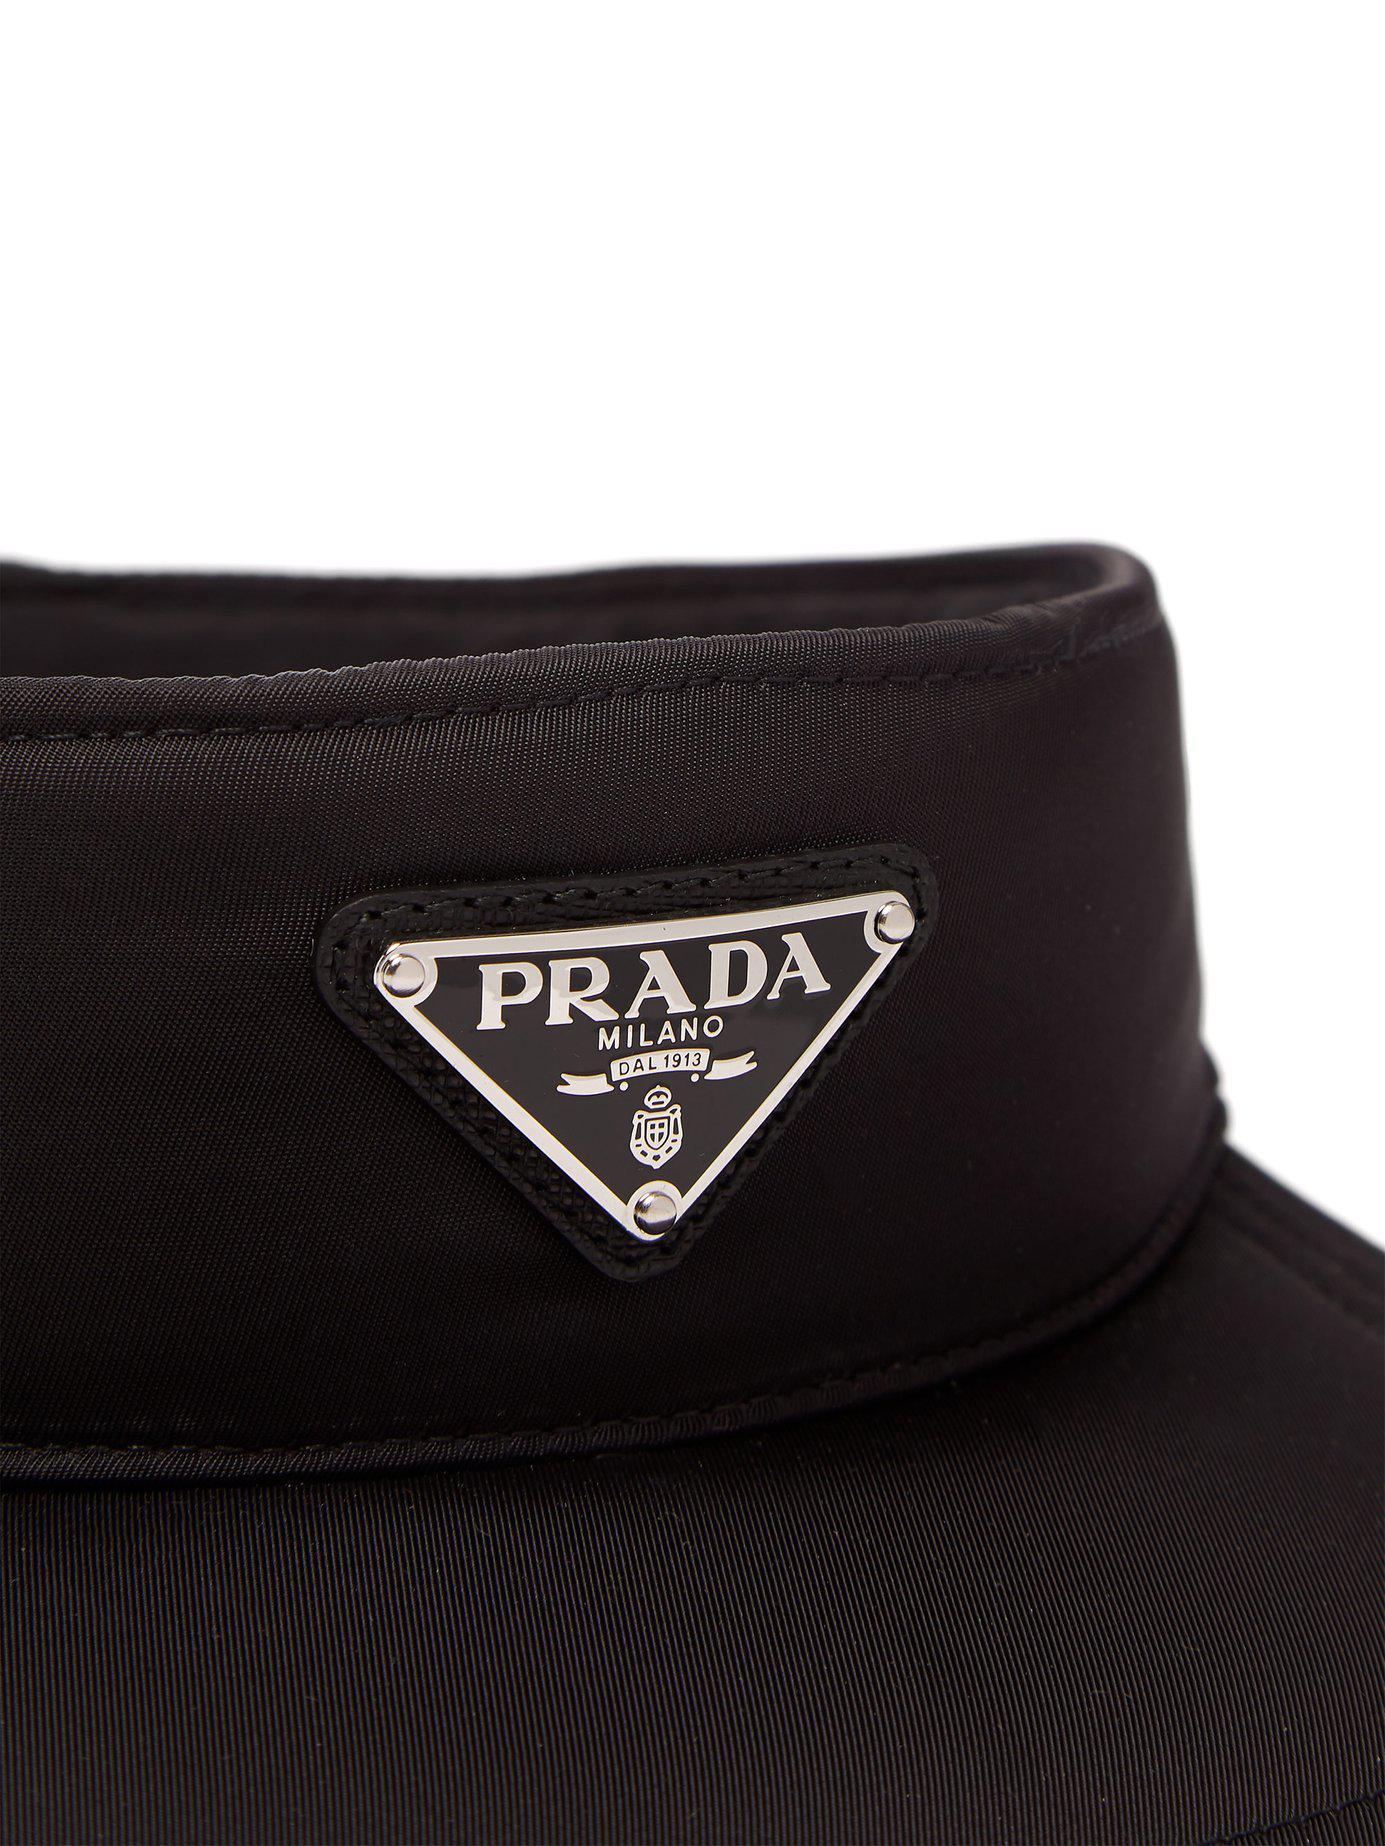 5aea0f90 Lyst - Prada Logo Appliquéd Nylon Visor in Black for Men